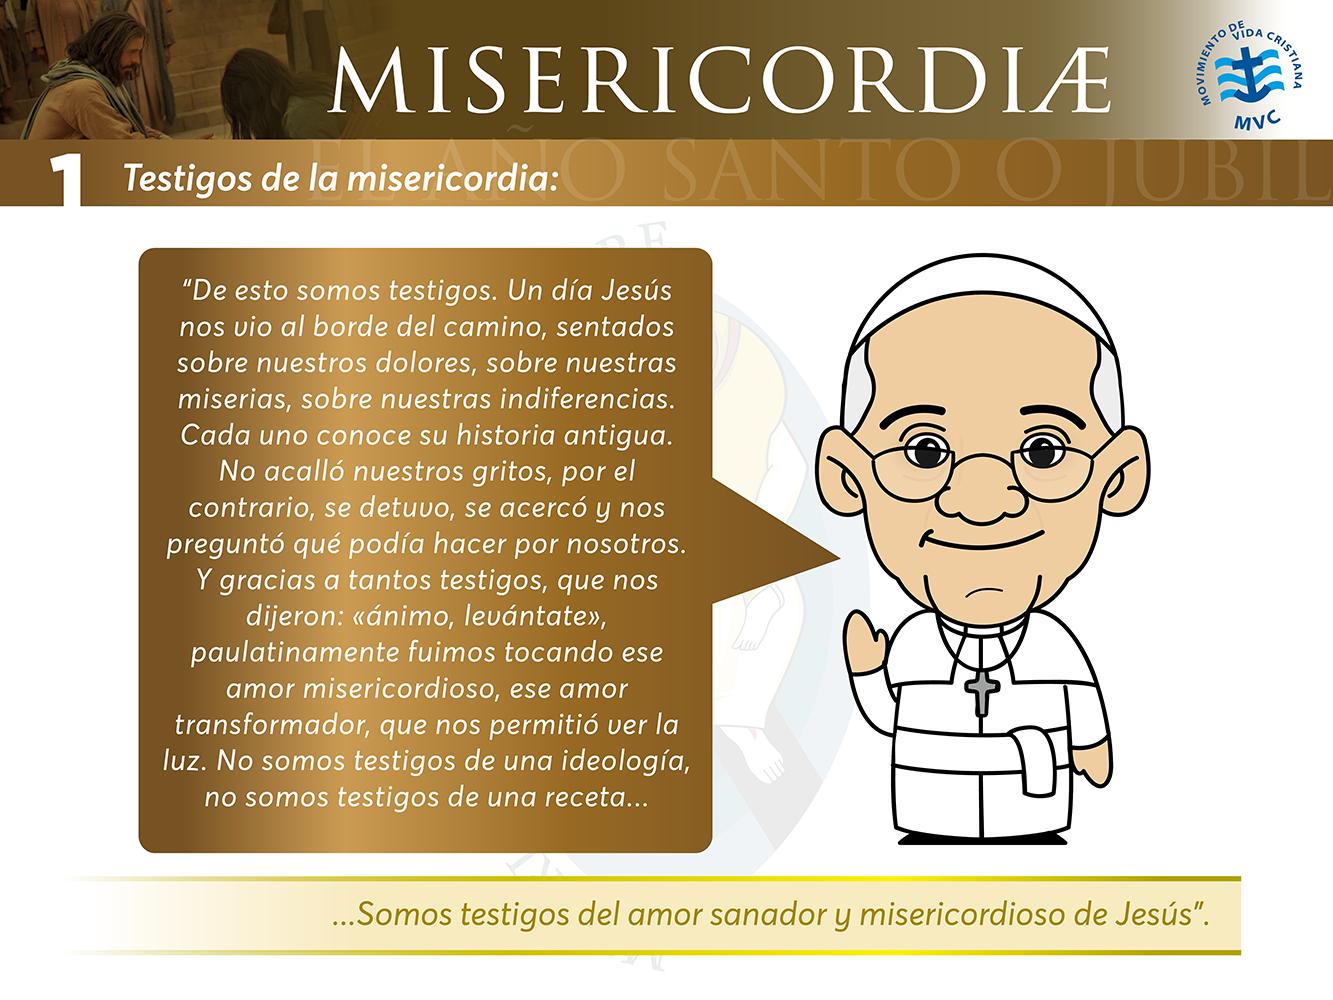 Misericordiae 7-02